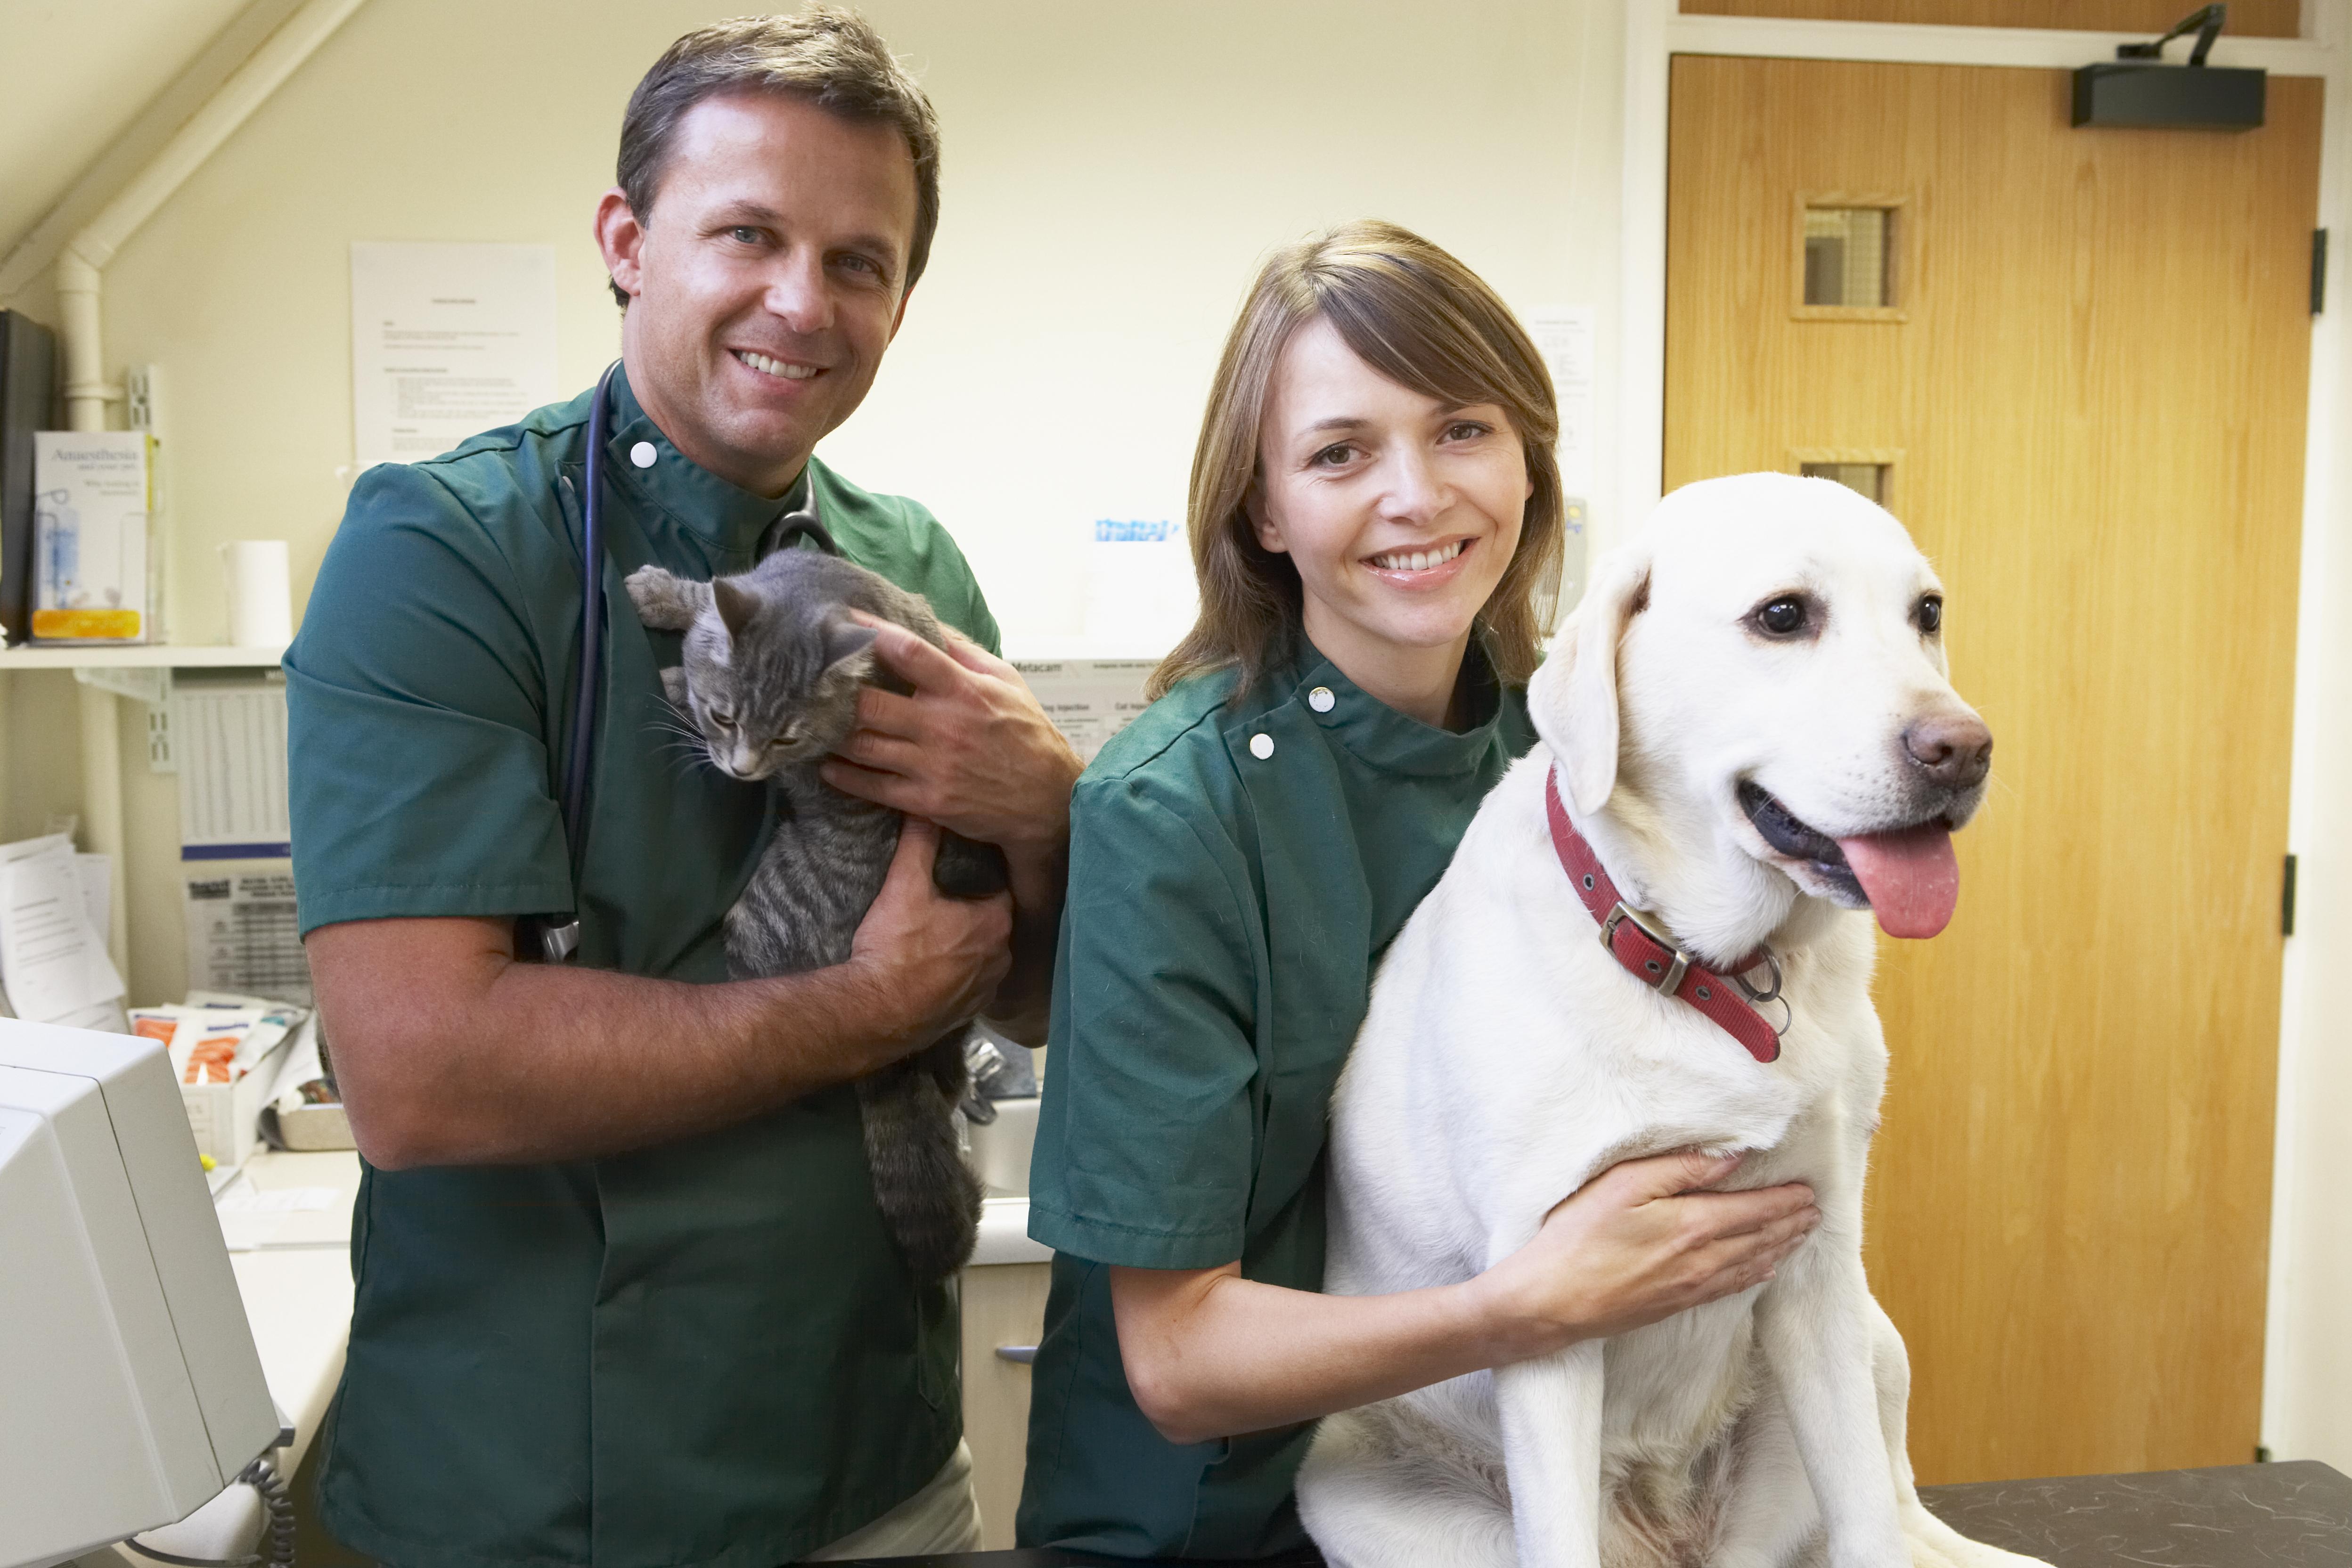 Både hundar och katter kan lämna blod 3-4 gånger per år och de brukar kompenseras med exempelvis gratis hälsoundersökning, vaccinationer eller liknande.